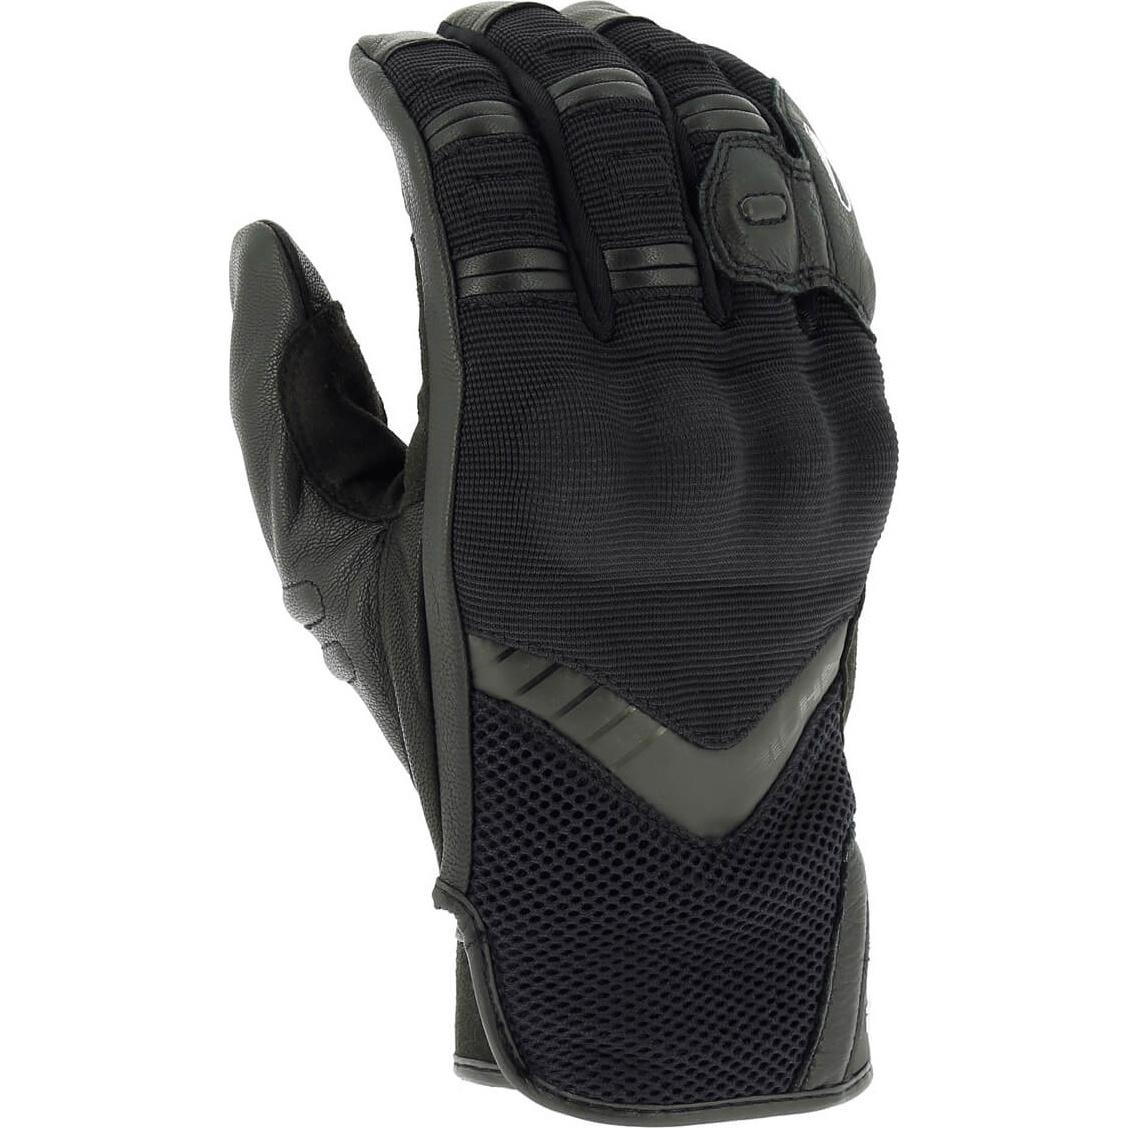 Motorcycle gloves for summer - Richa Desert Motorcycle Gloves Bike Short Street Vented